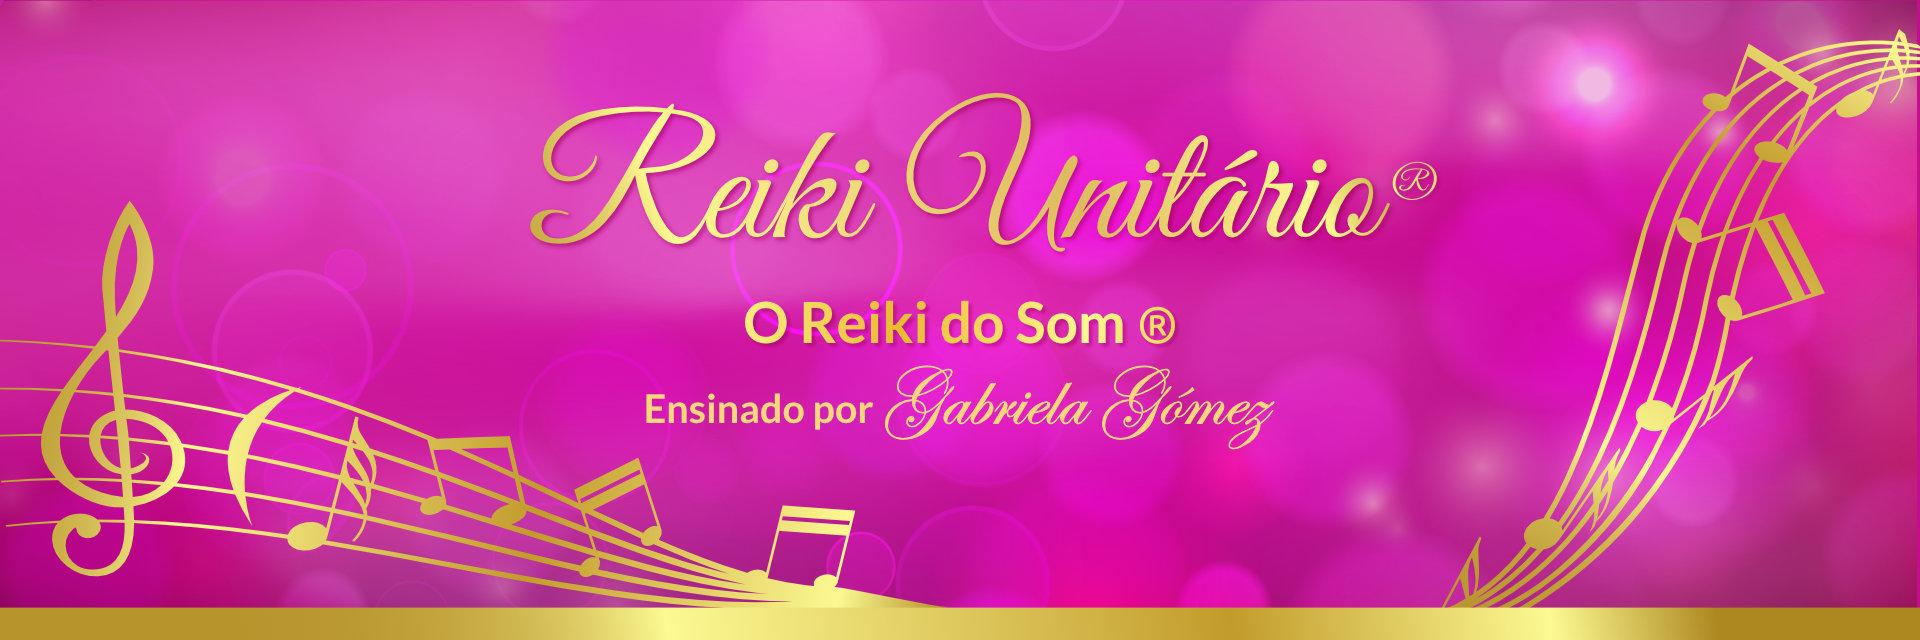 Reiki Unitário®, o Reiki do Som®